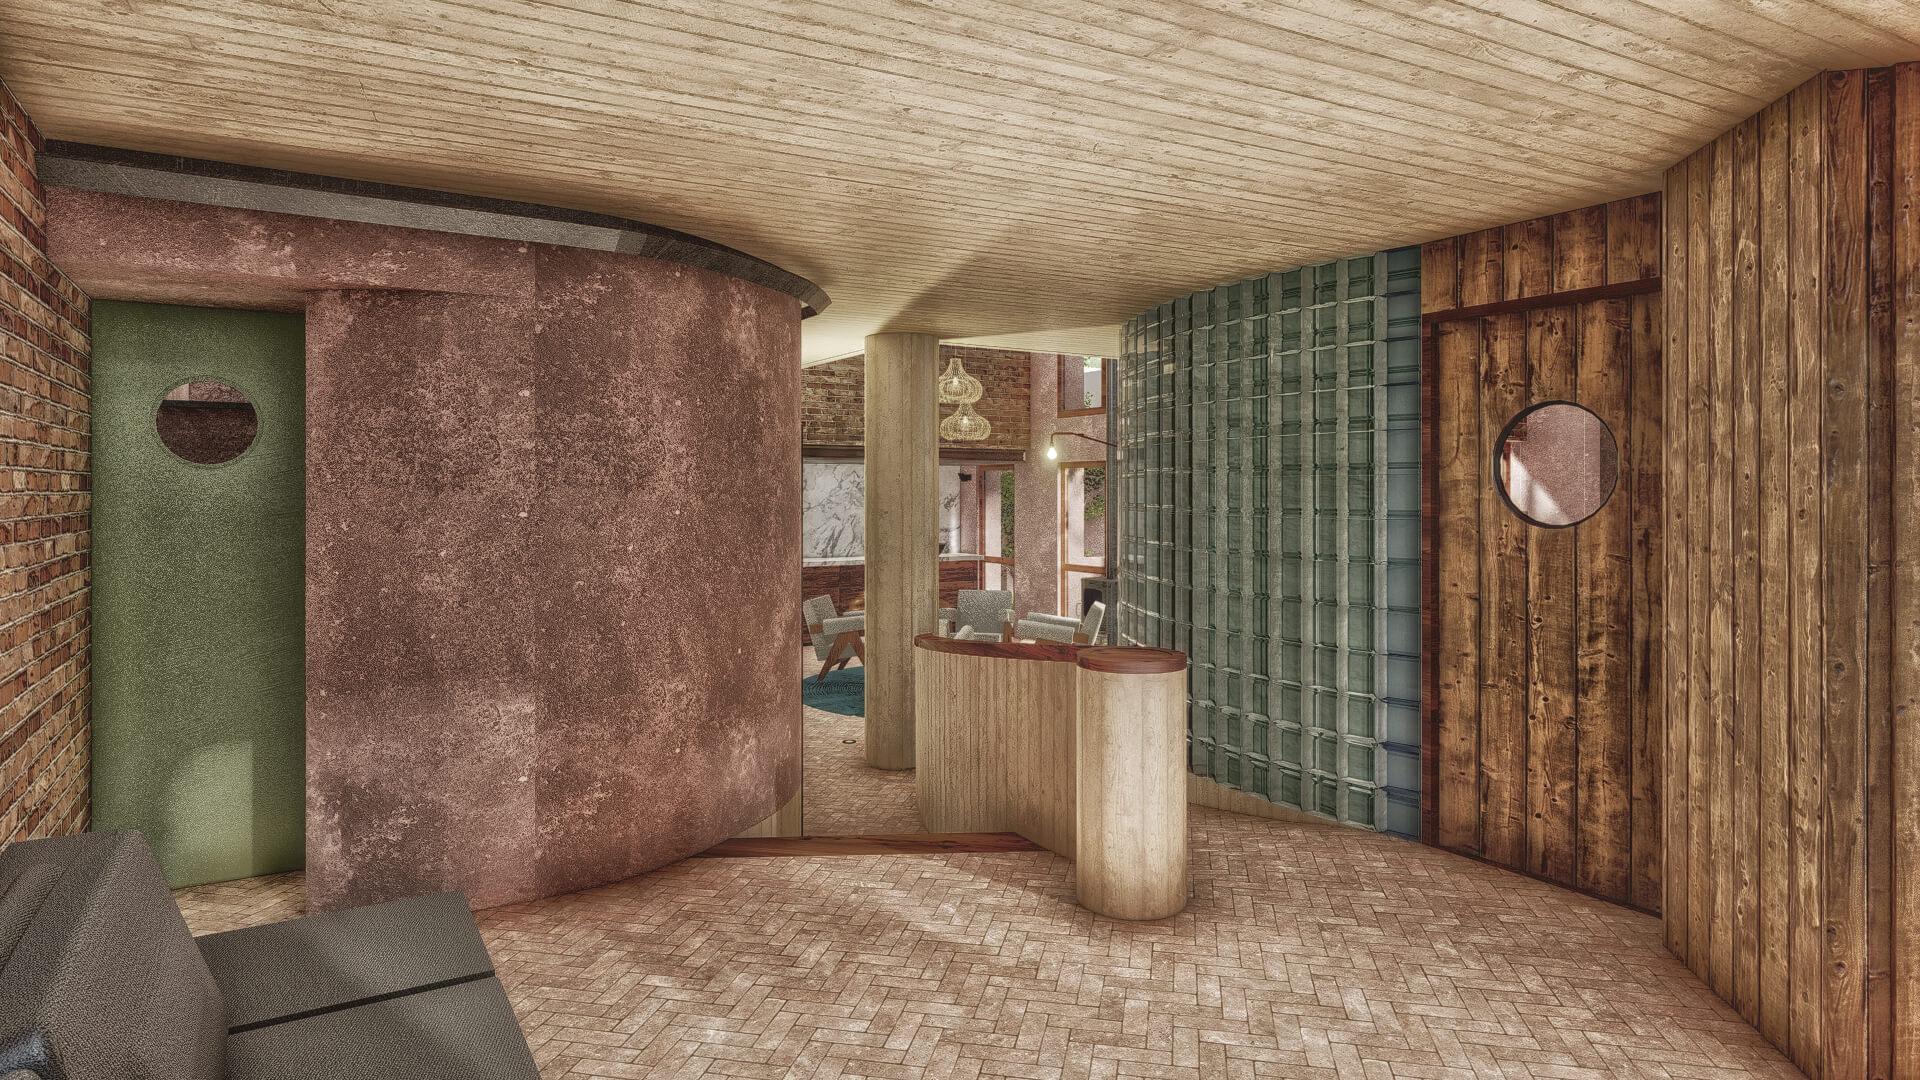 Hotel Kabiros Barrio Egipto 2020